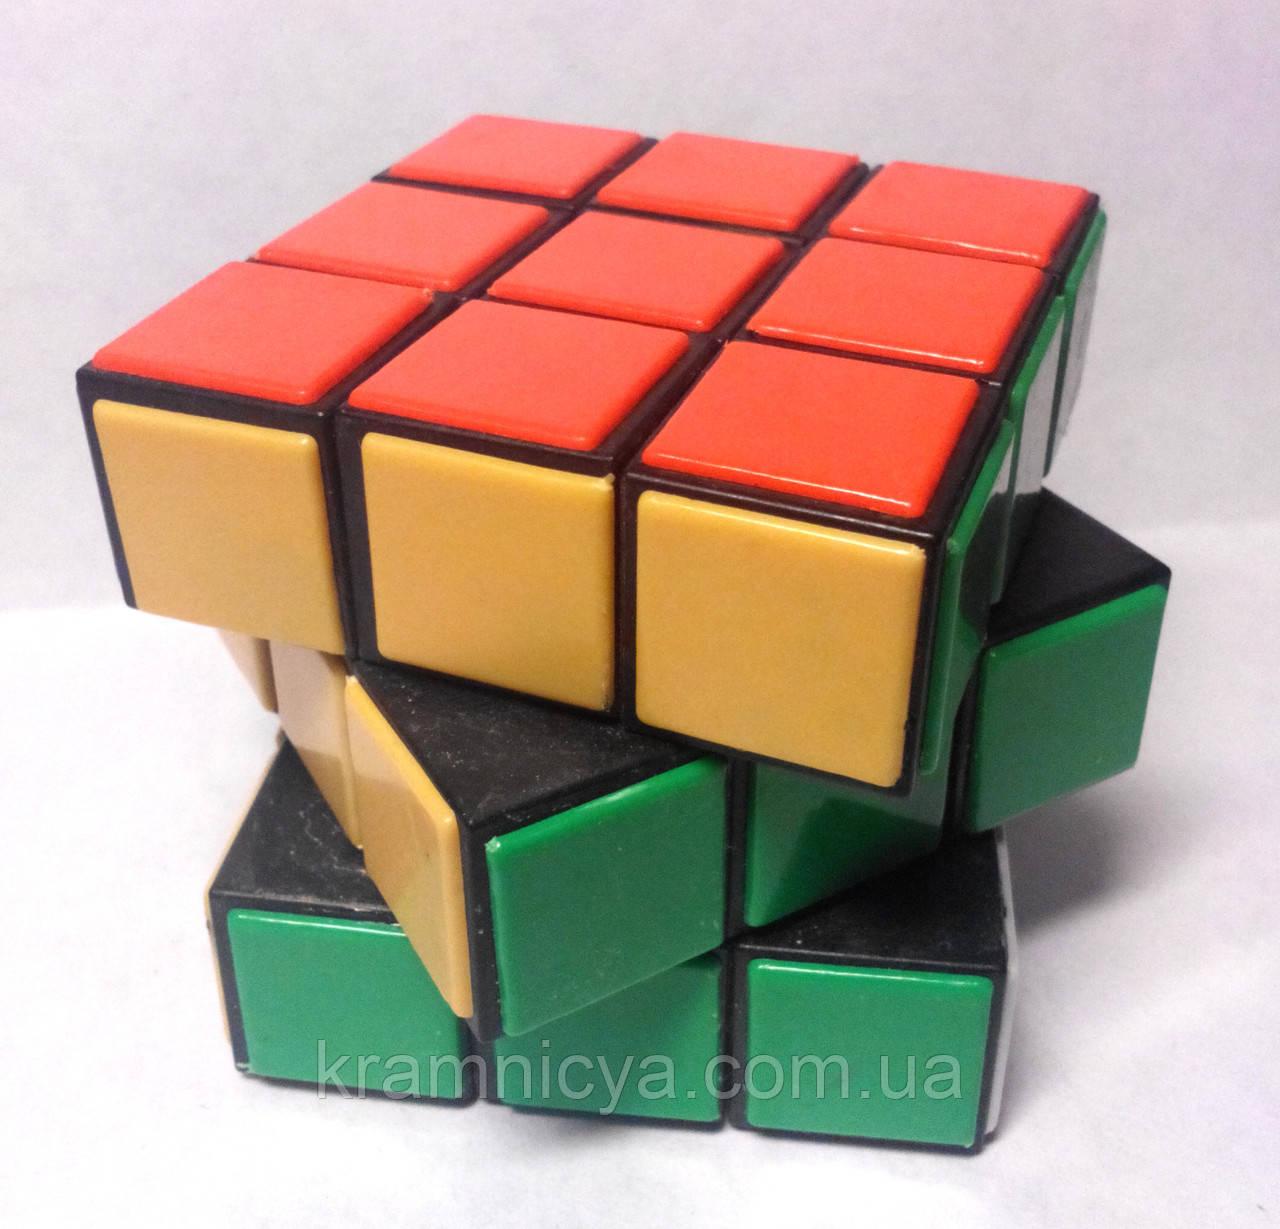 Головоломка Кубик Рубика 5,5 х 5,5 х 5,5 см., фото 1